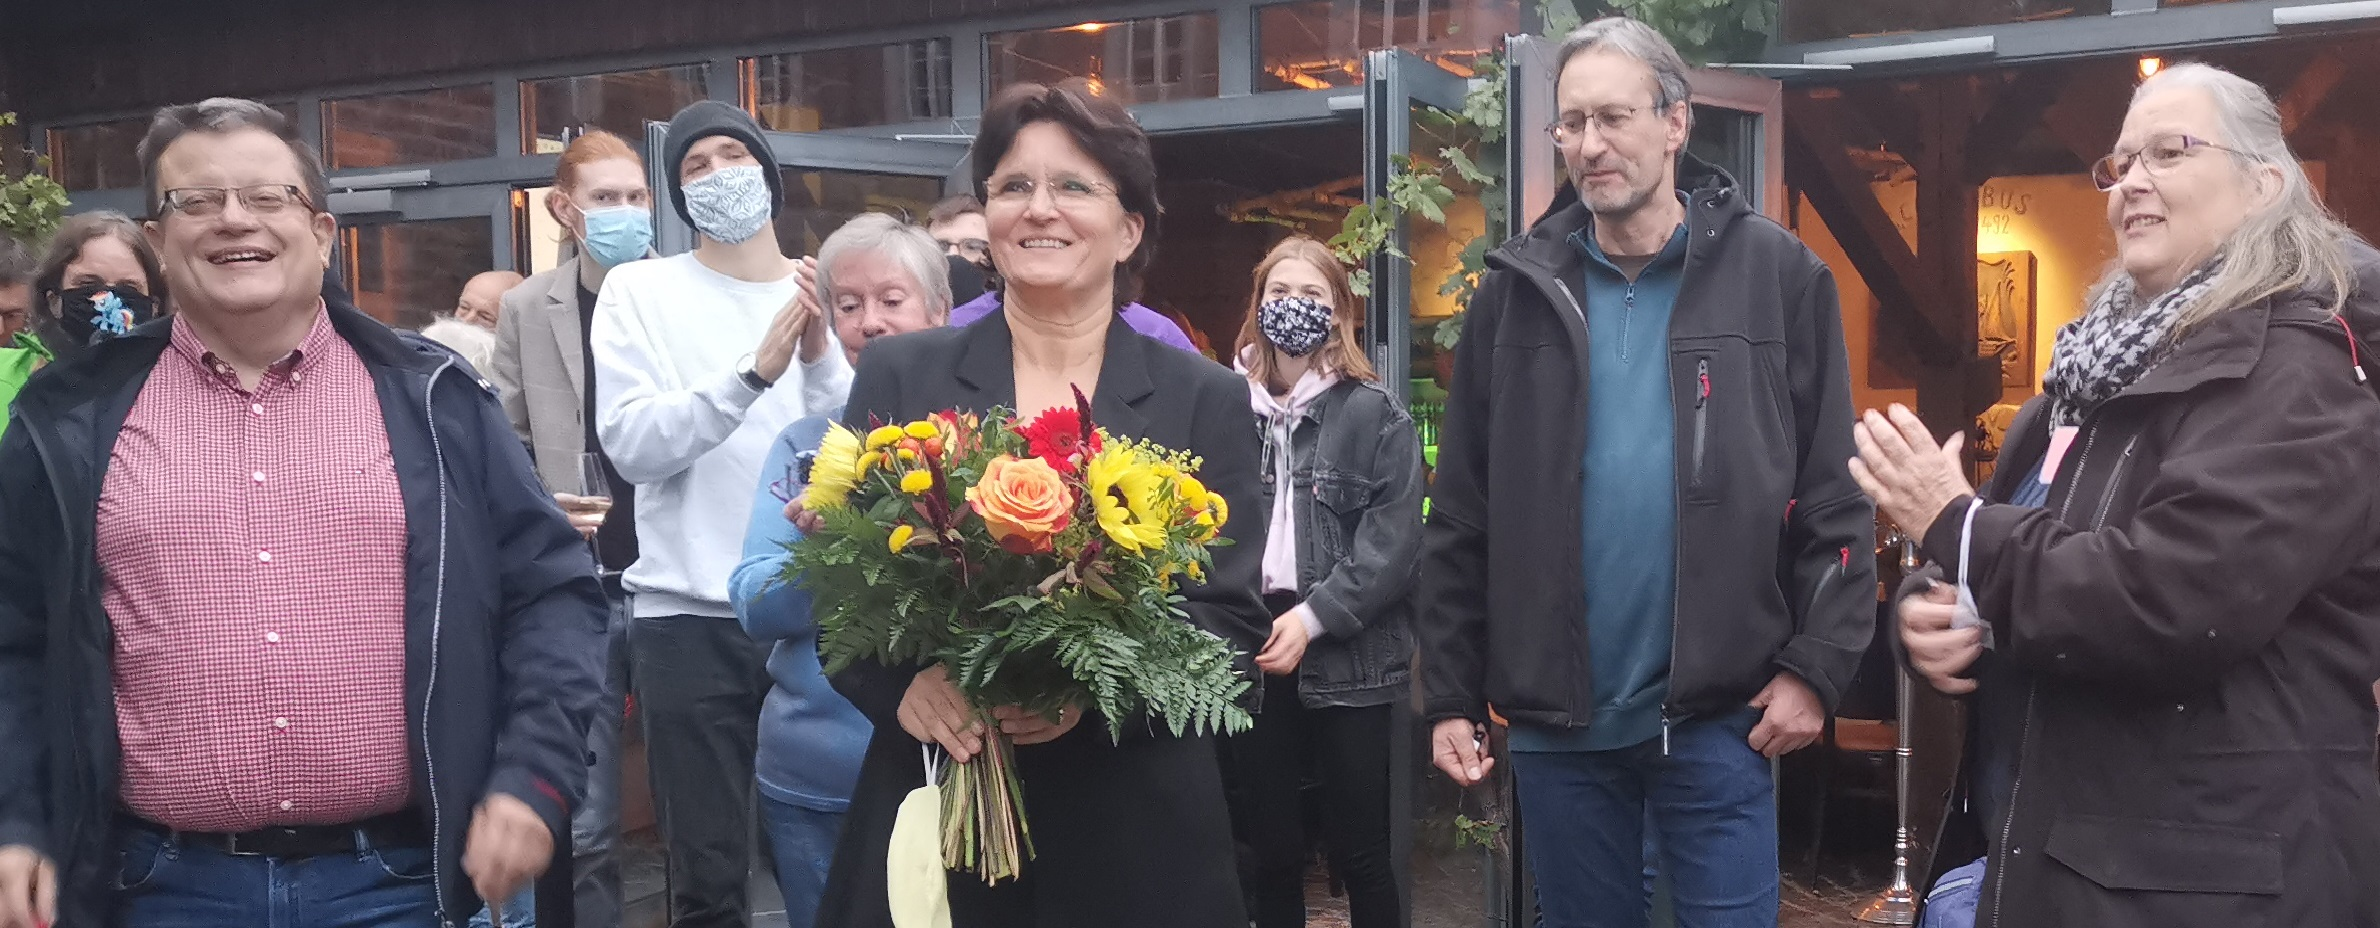 Dr. Esther Kanschat mit Rainer Hübinger (SPD), Martin Schwarz (Piraten) und Birgit Onori (Die Linke)